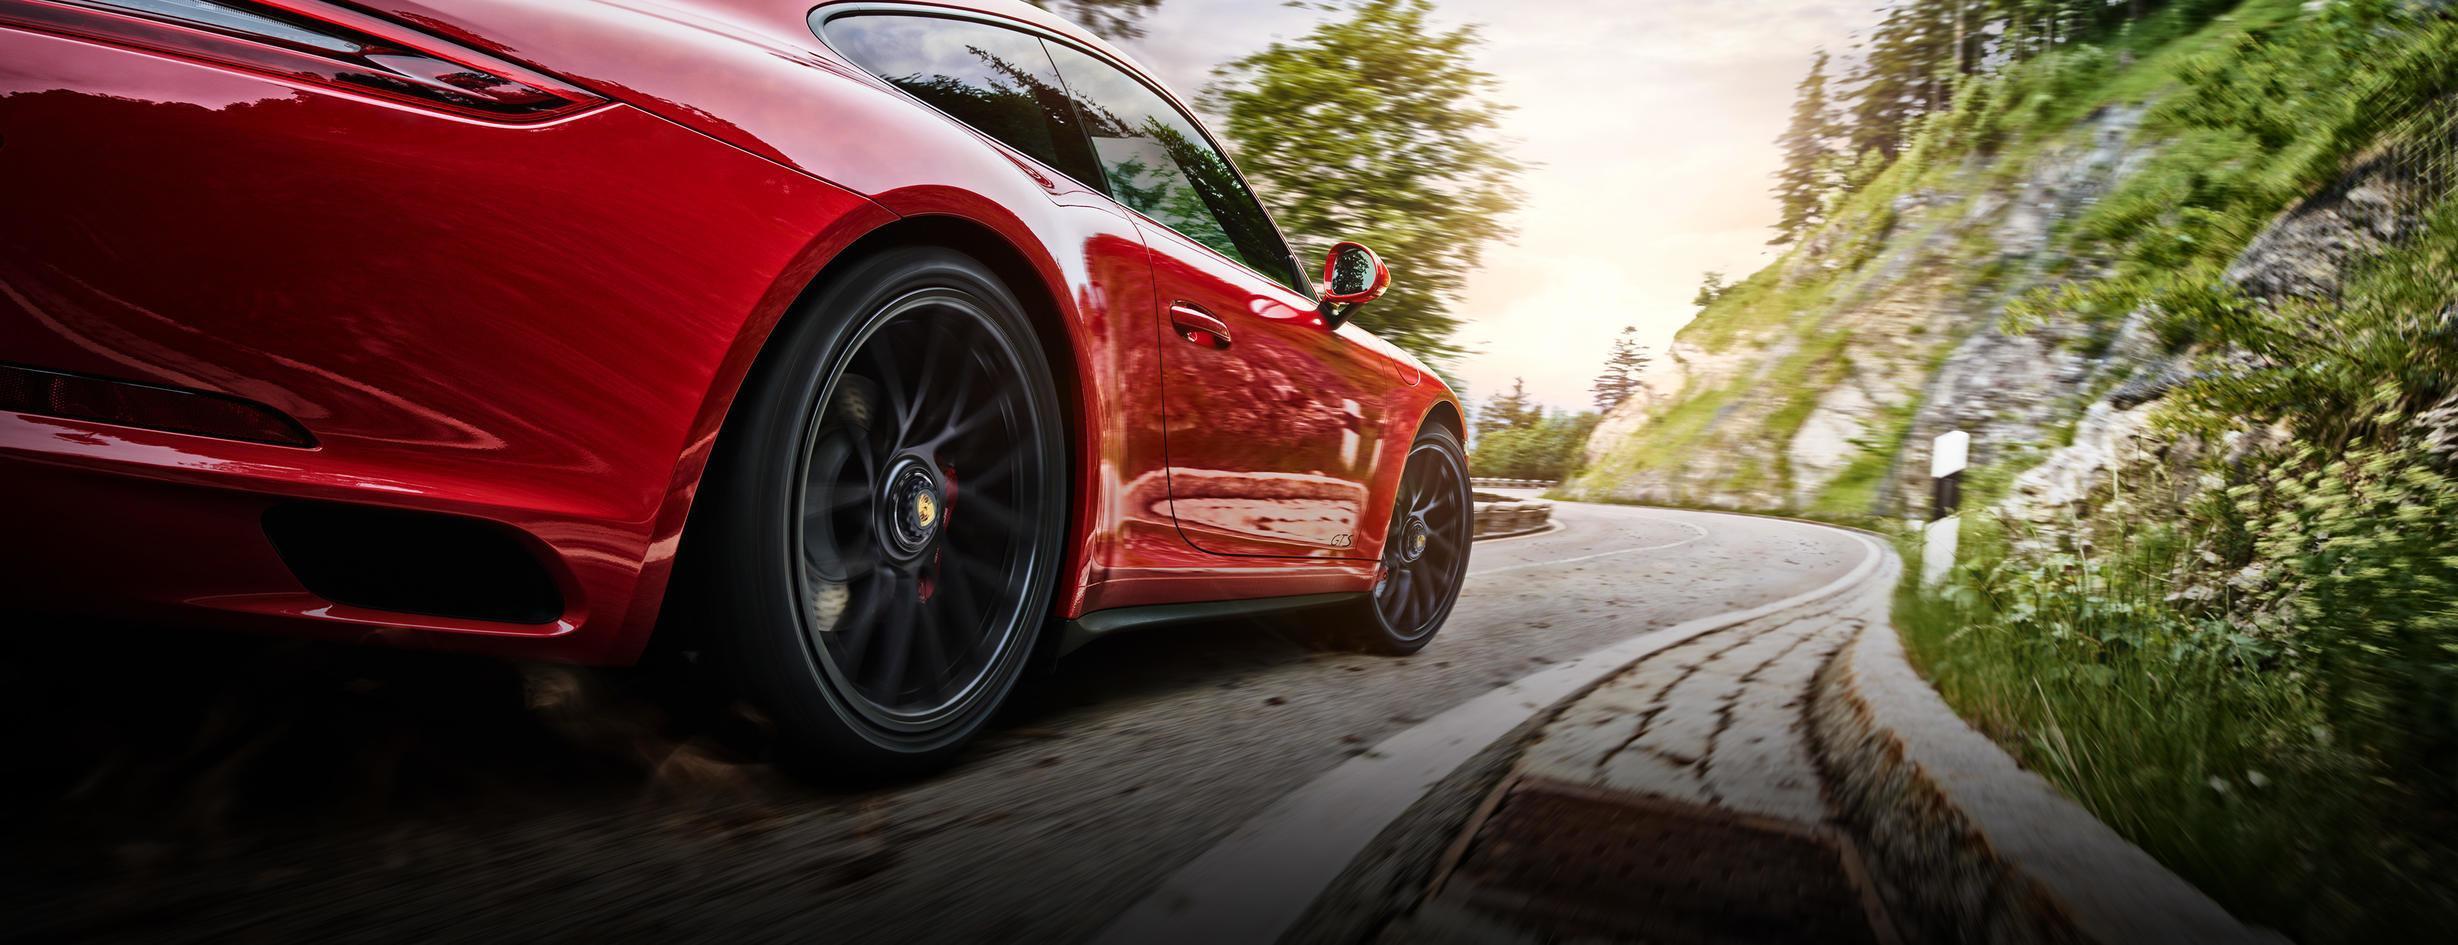 Porsche : Les 4 dynamiques